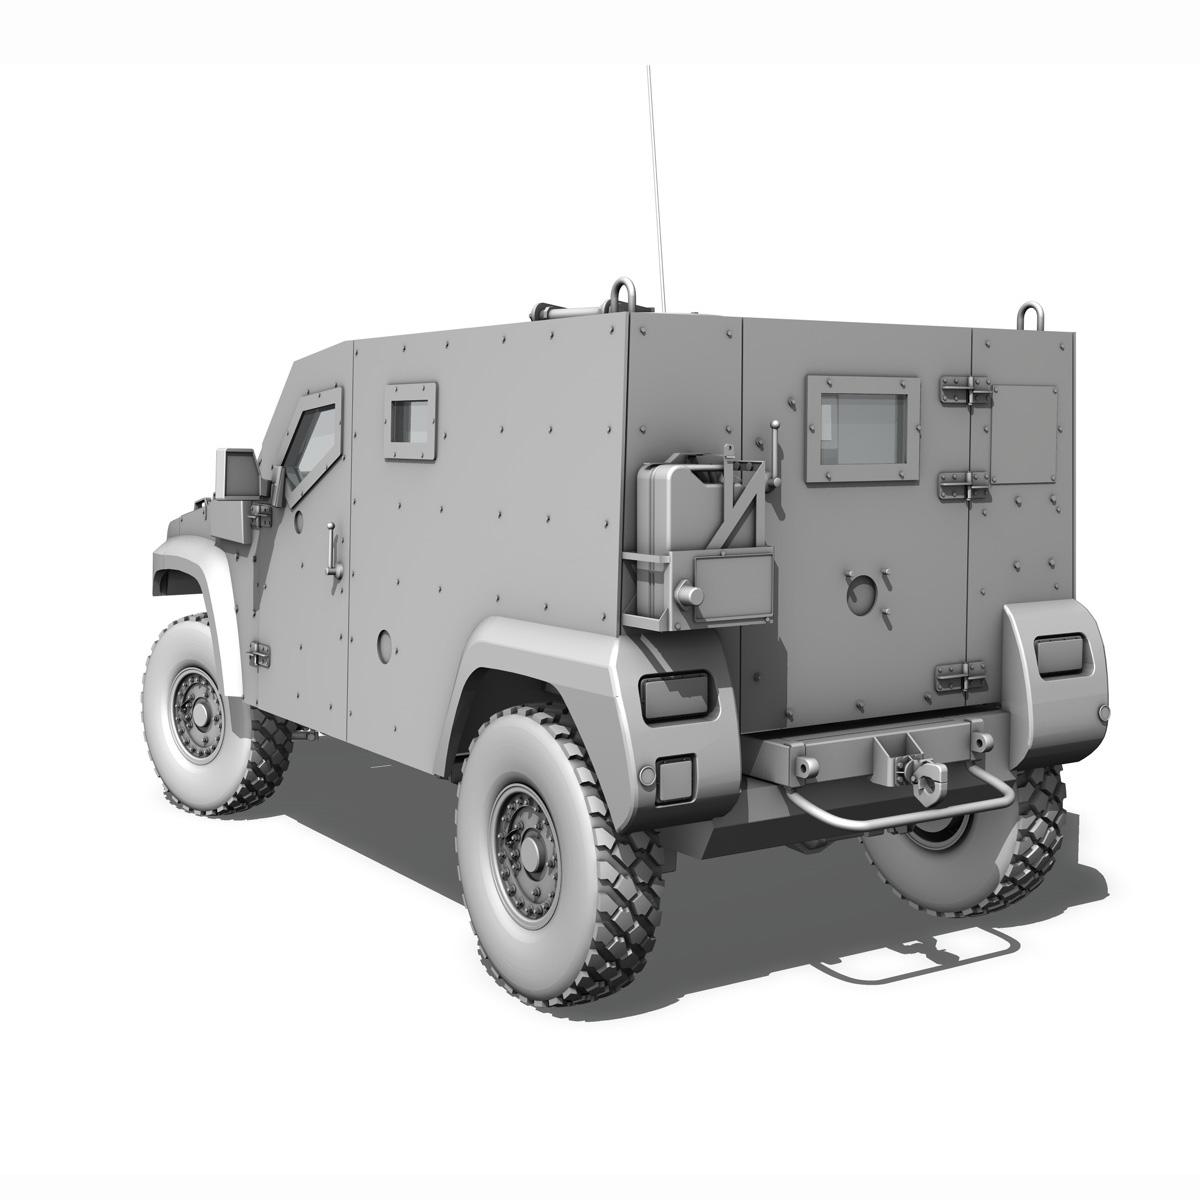 auverland panhard pvp – petit vehicule protege 3d model 3ds fbx c4d lwo obj 190127